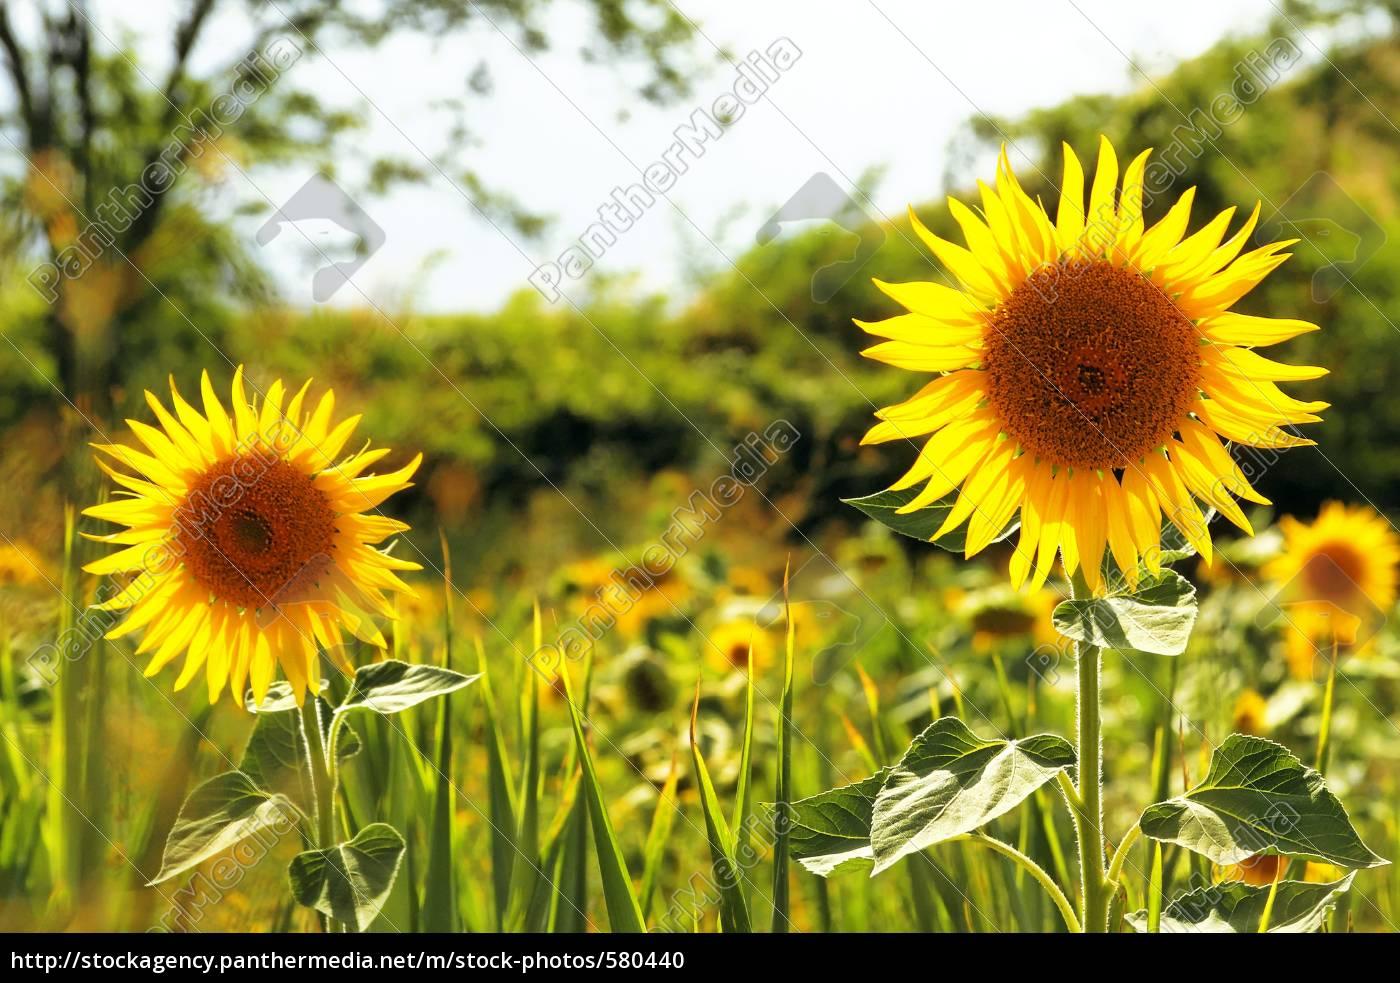 sunflowers - 580440